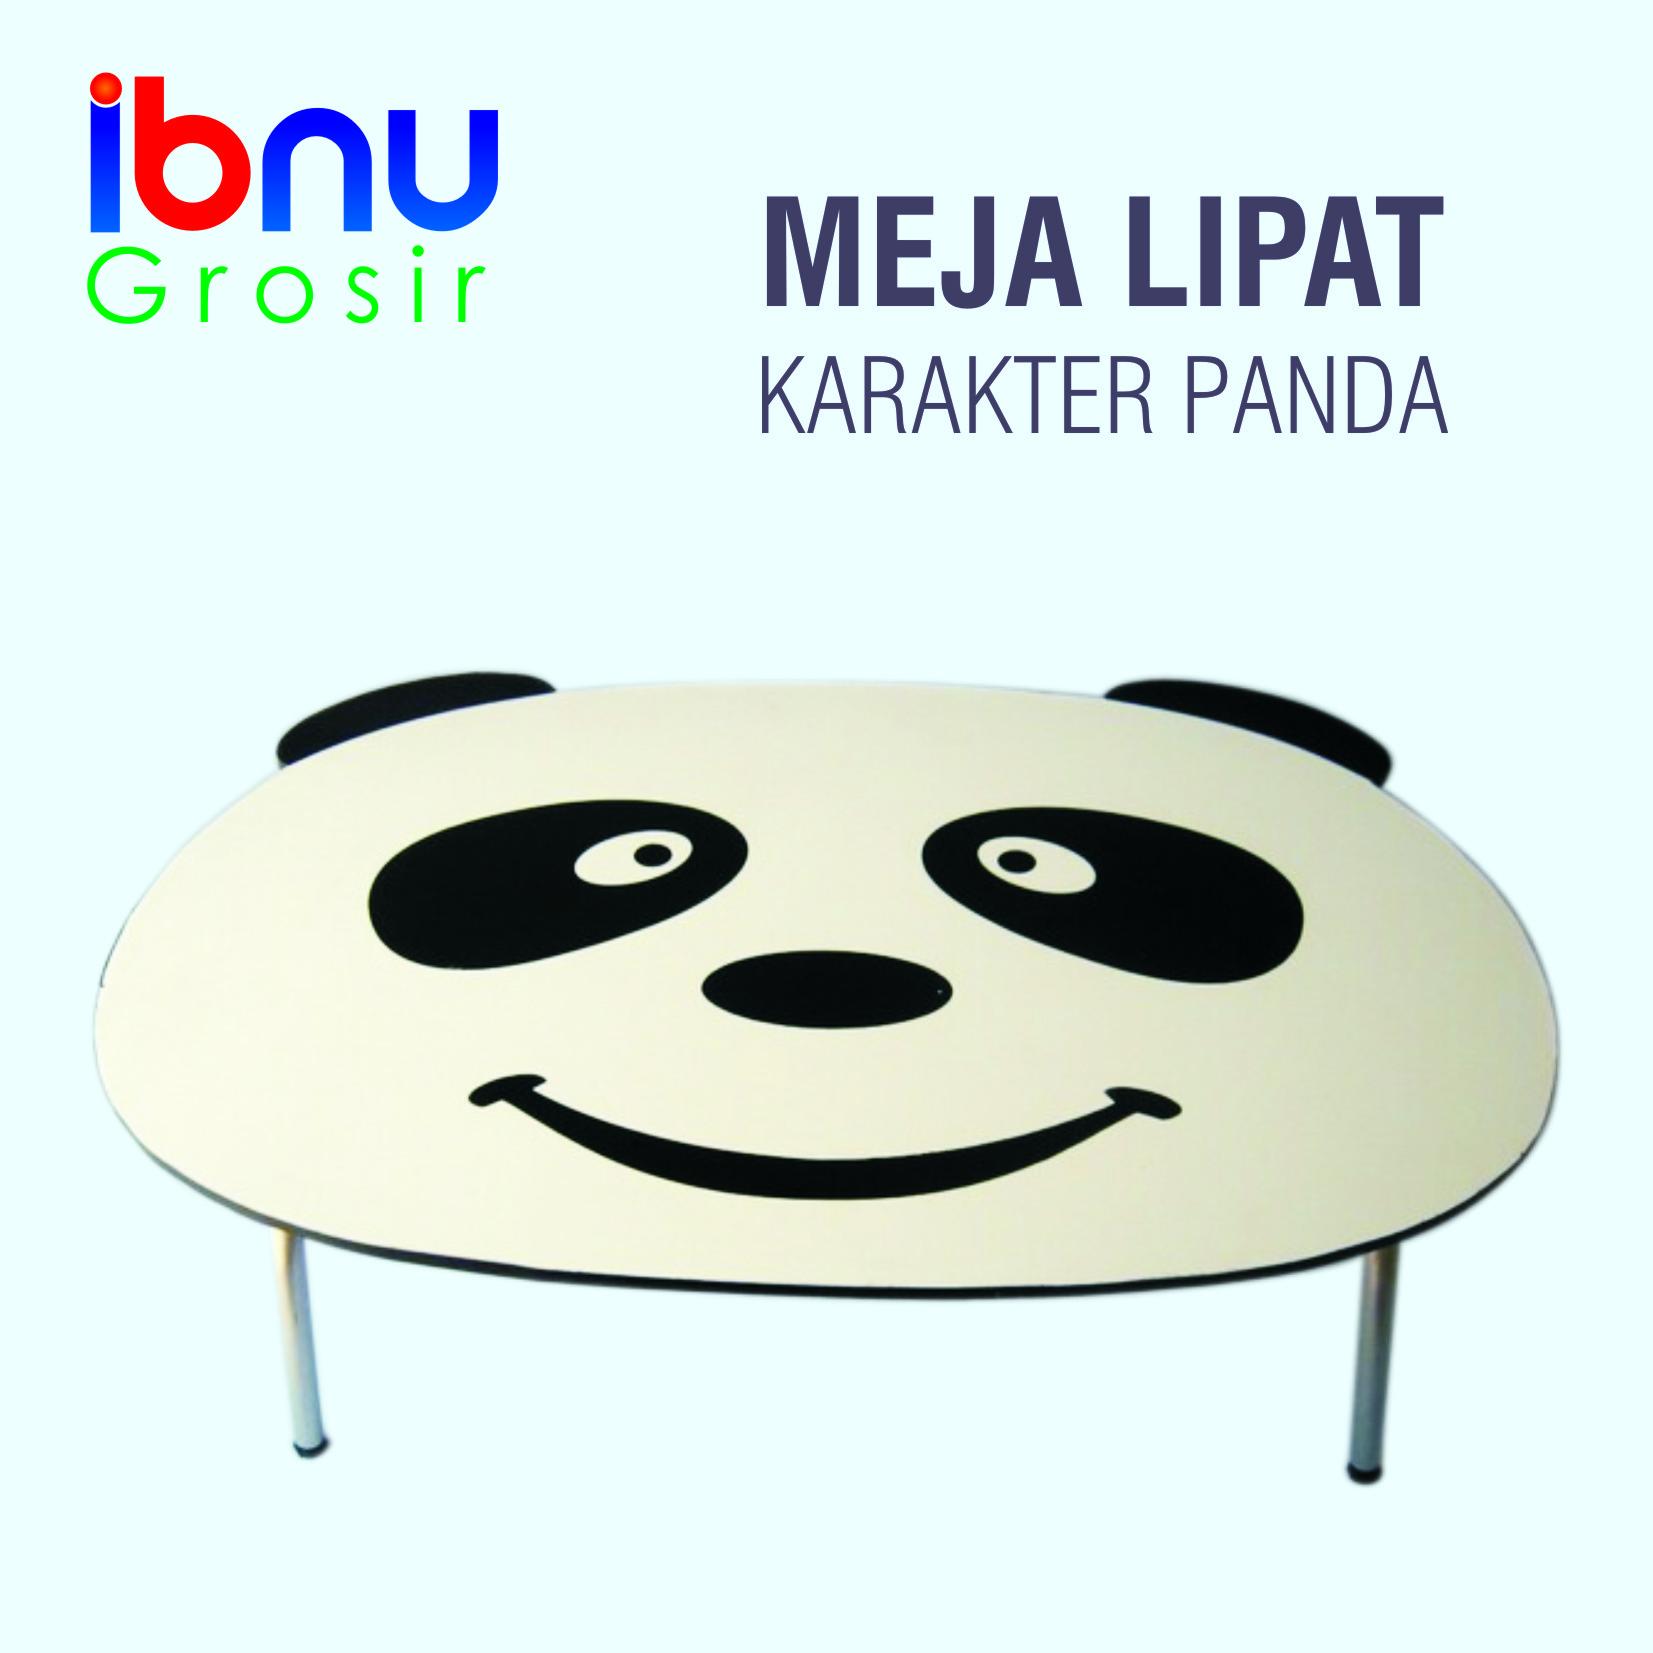 Jual Meja Lipat Karakter Panda Ibnu Grosir Tokopedia